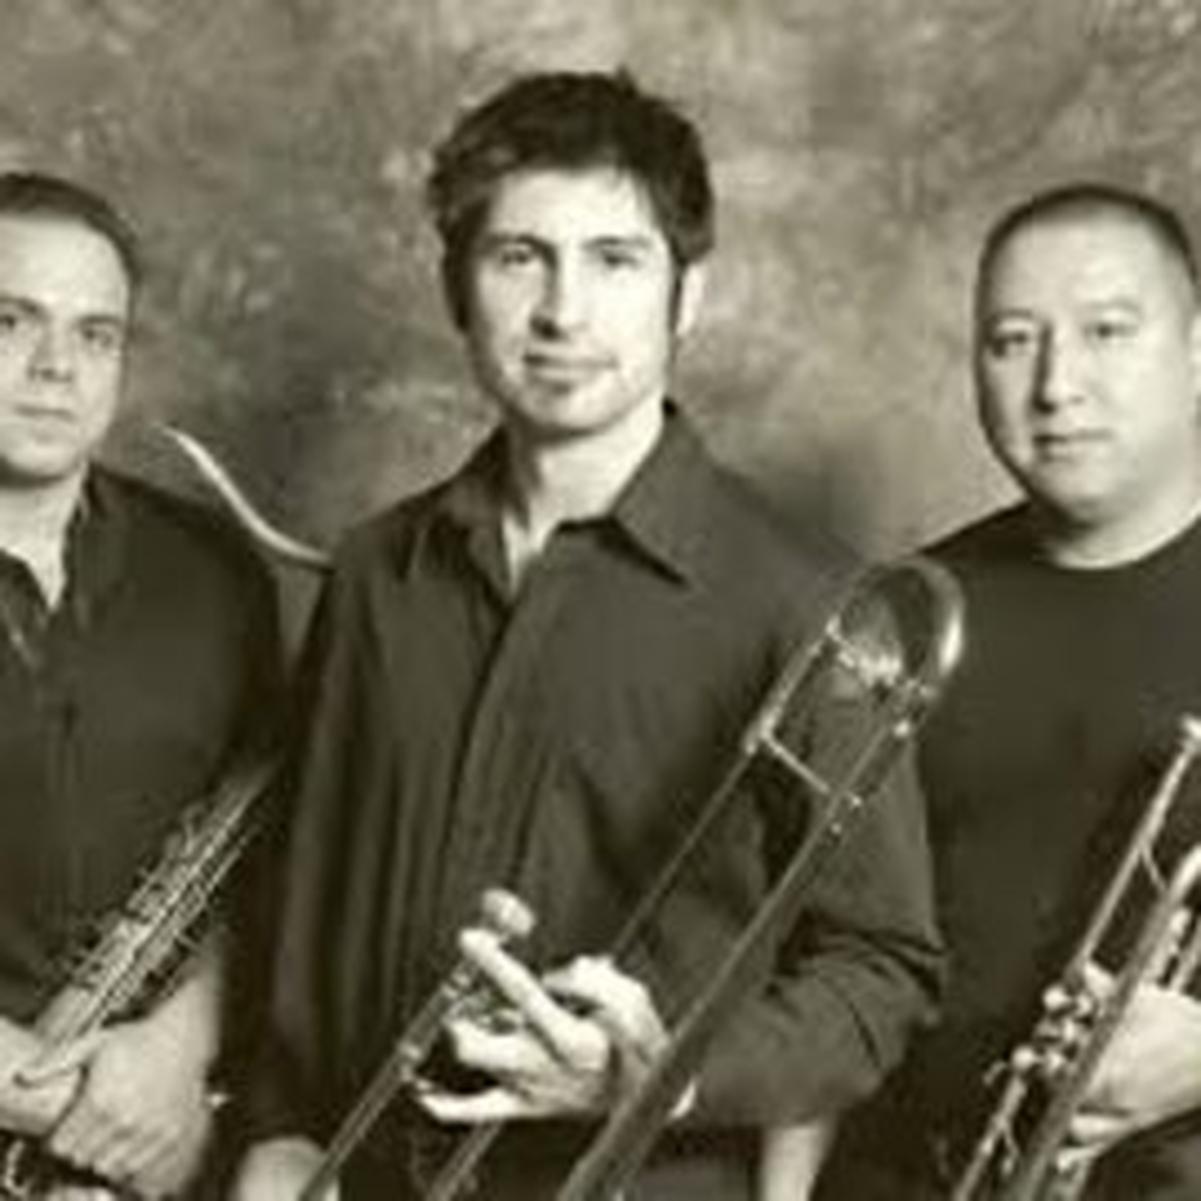 The Grooveline Hornes